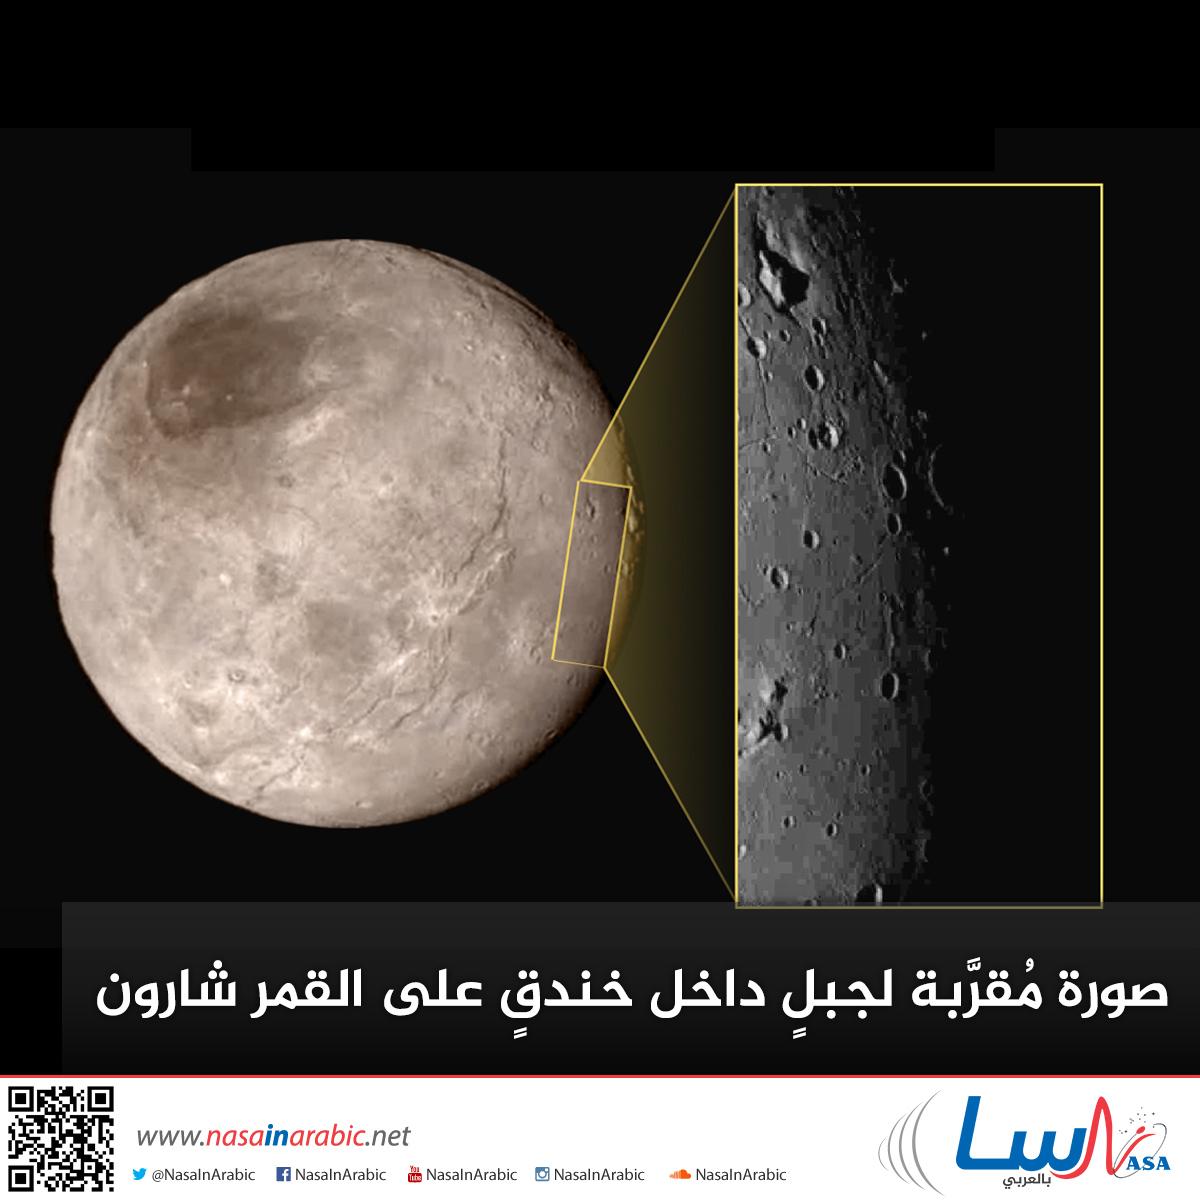 صورة مُقرَّبة لجبلٍ داخل خندقٍ على القمر شارون